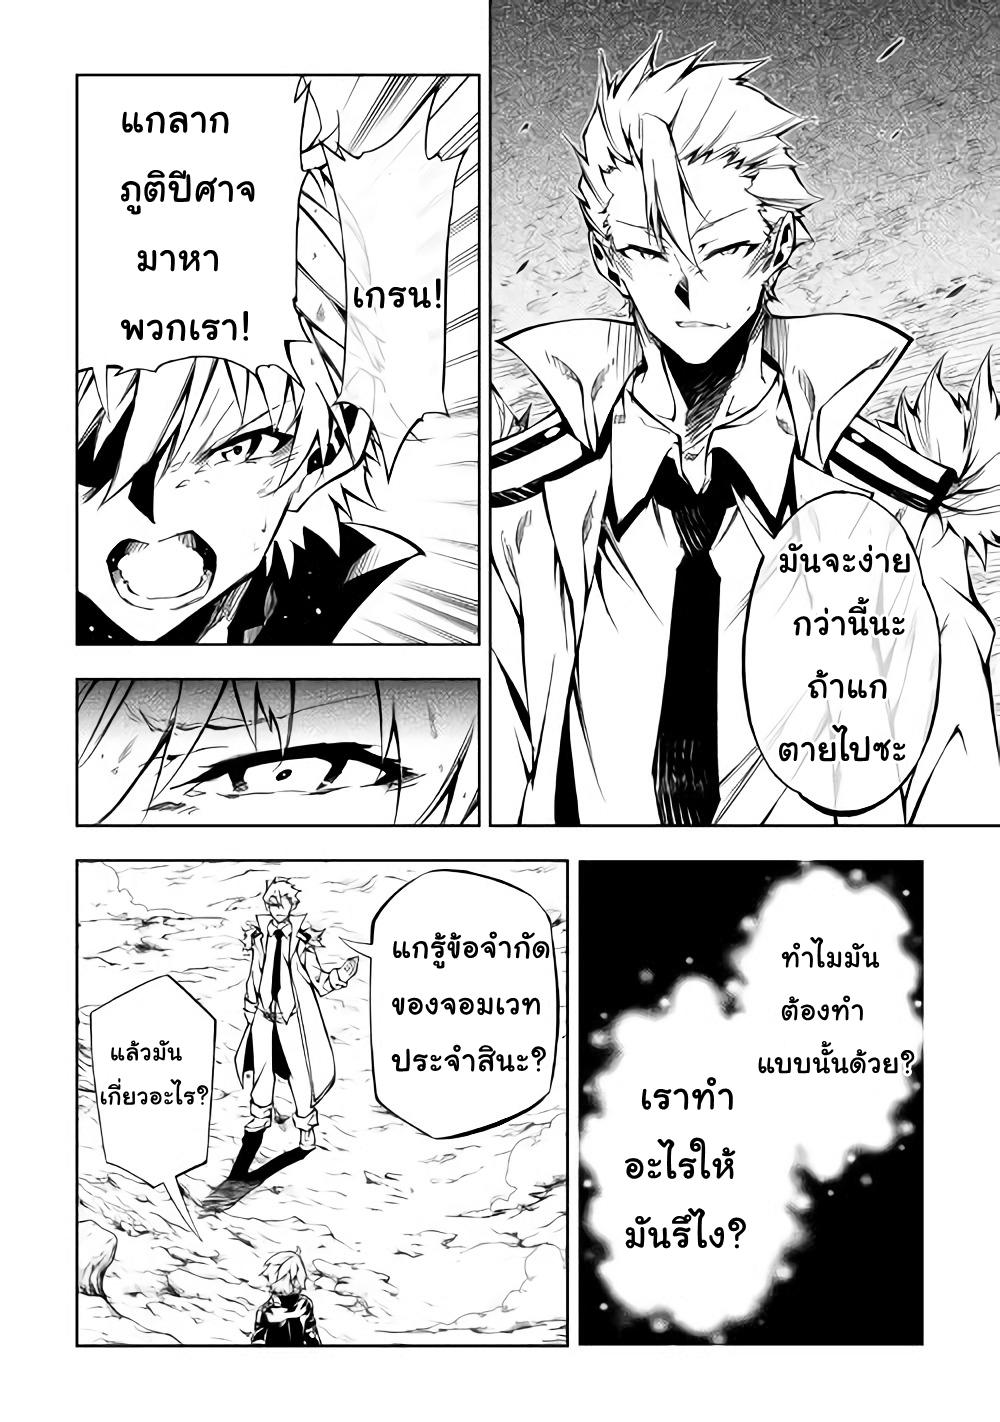 อ่านการ์ตูน Kouritsu Kuriya Madoushi, Dani no Jinsei de Madou o Kiwameru ตอนที่ 29 กระสุนเวทย์มนตร์ที่ชั่วร้าย หน้า 22